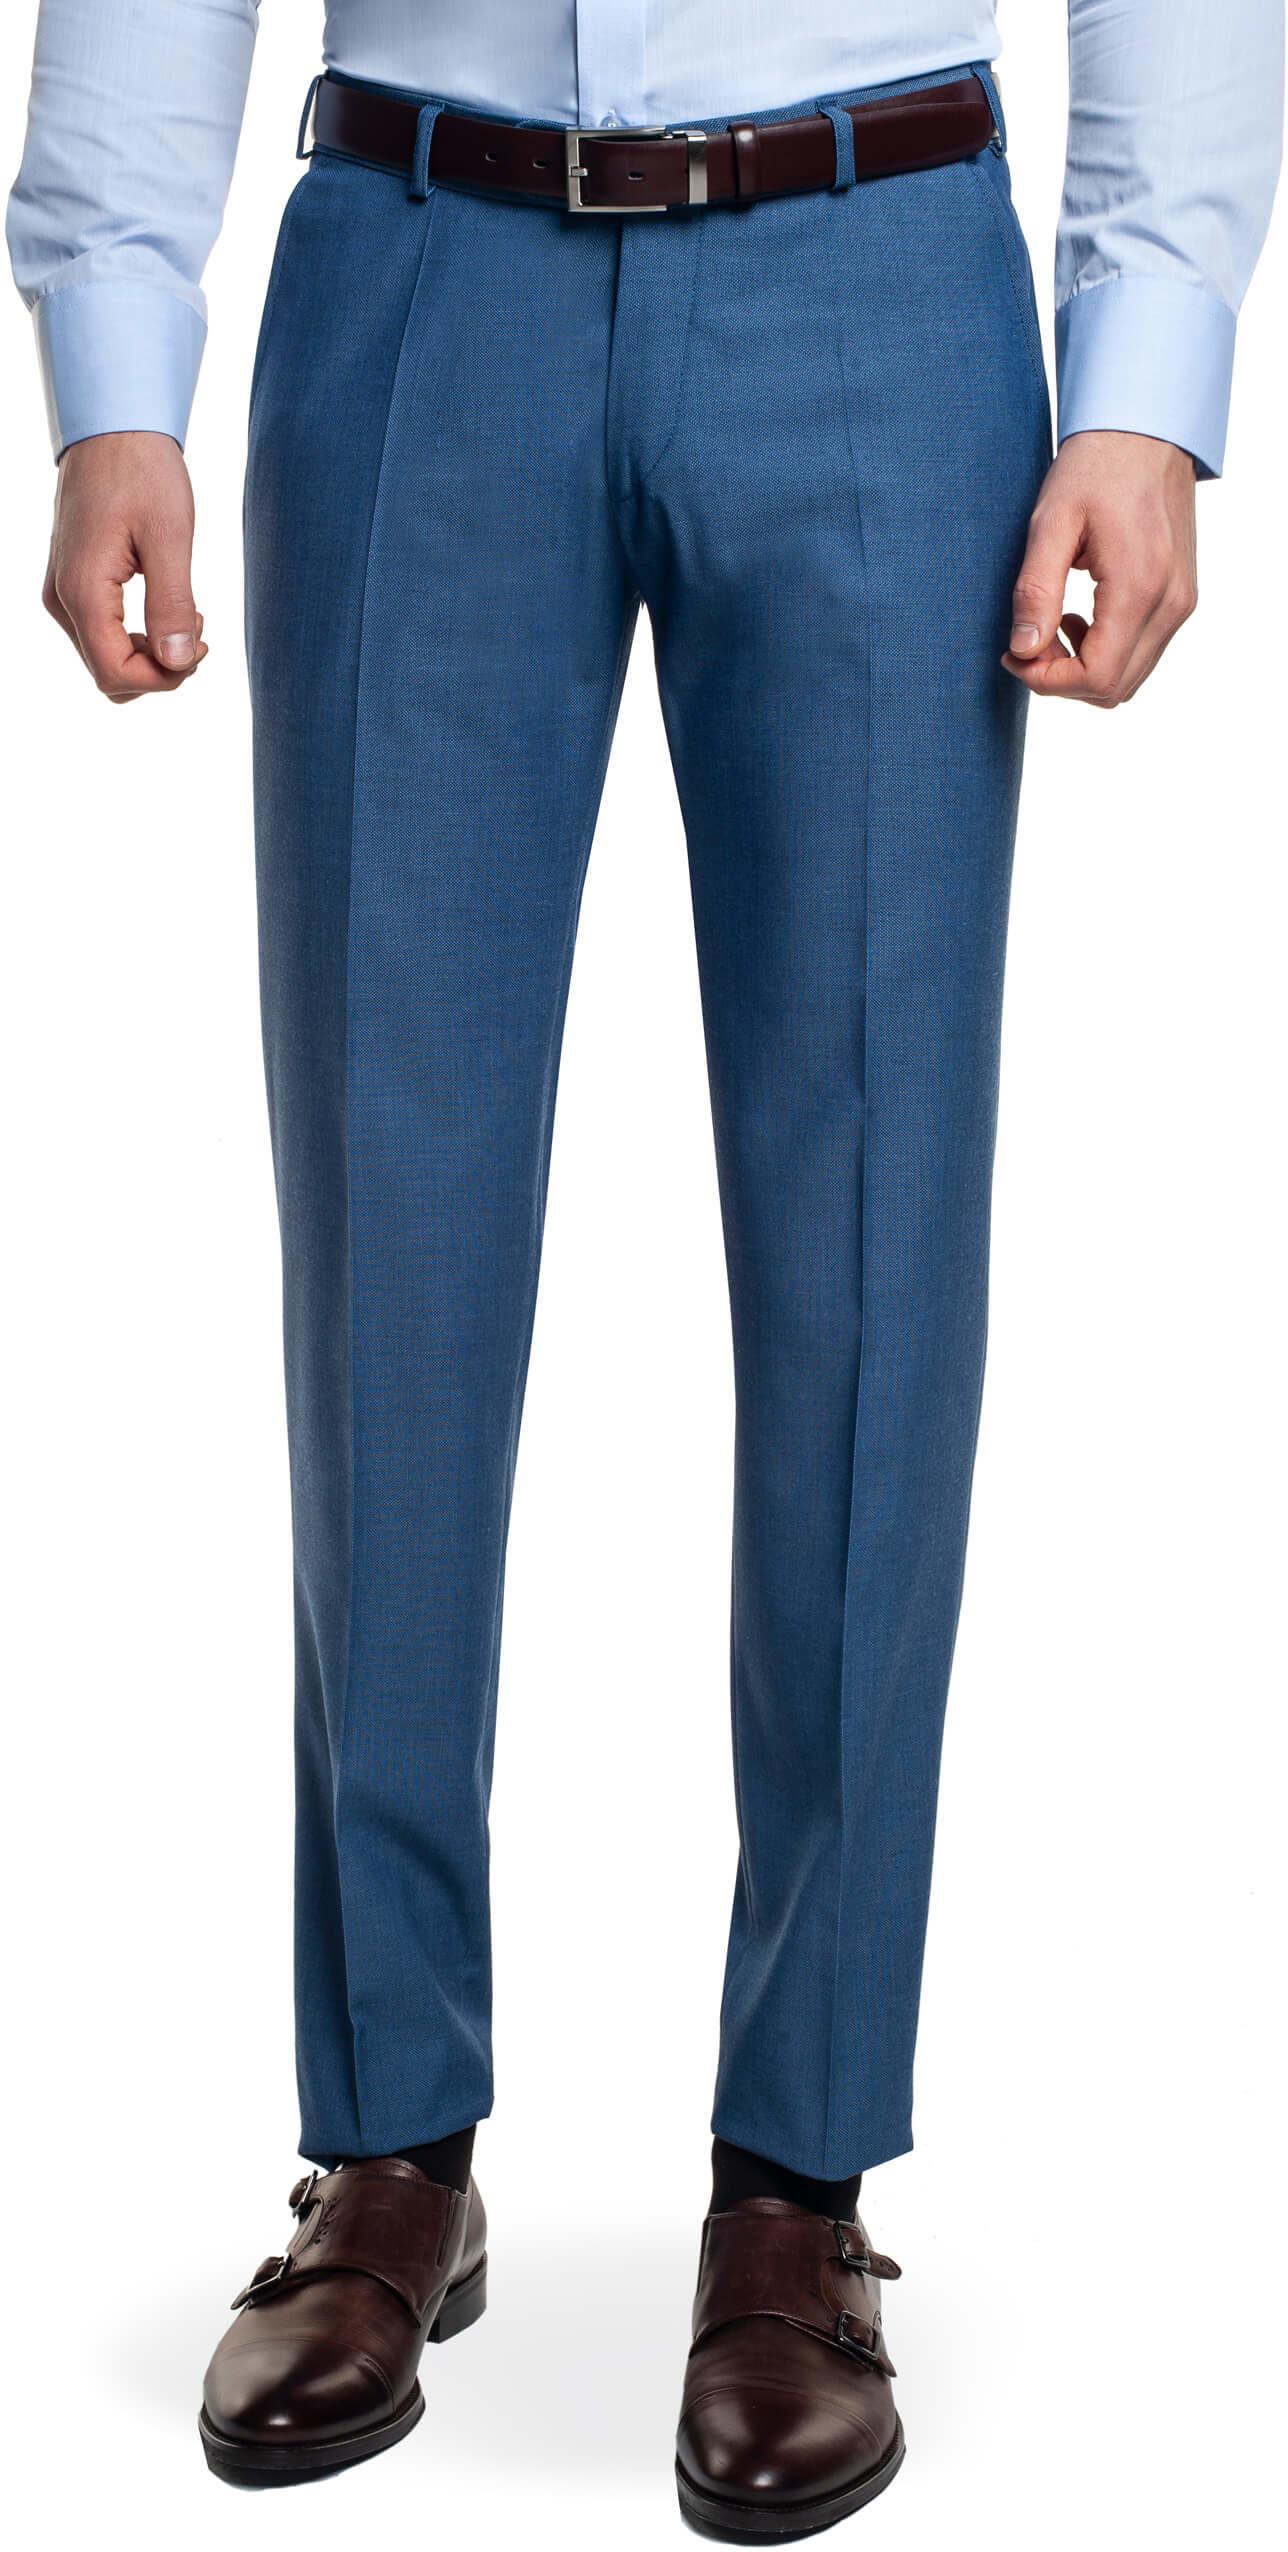 spodnie silema 315 niebieski